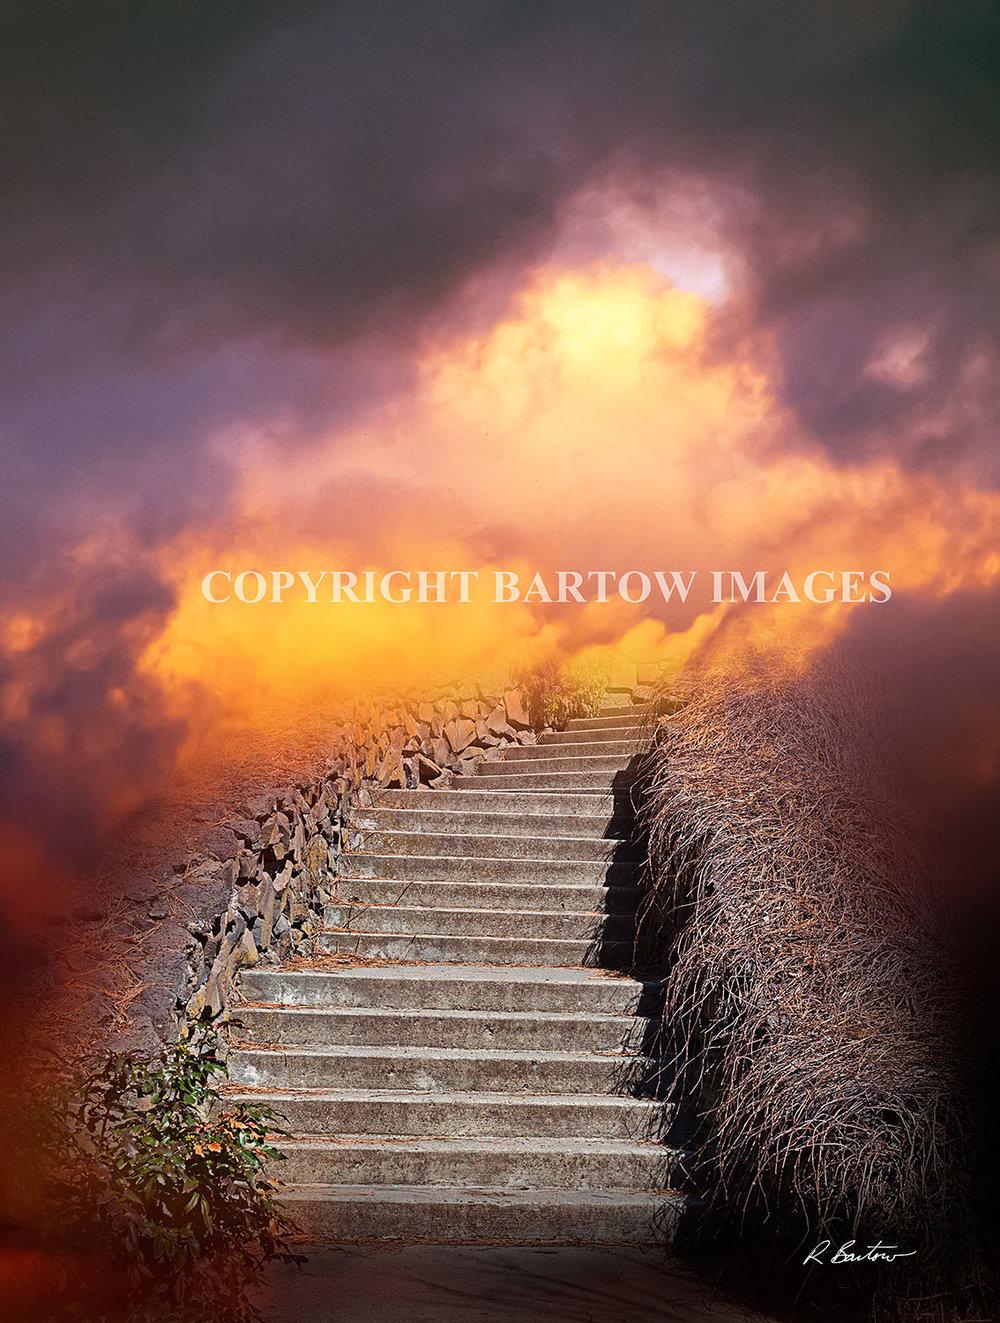 Stairway-Full.jpg